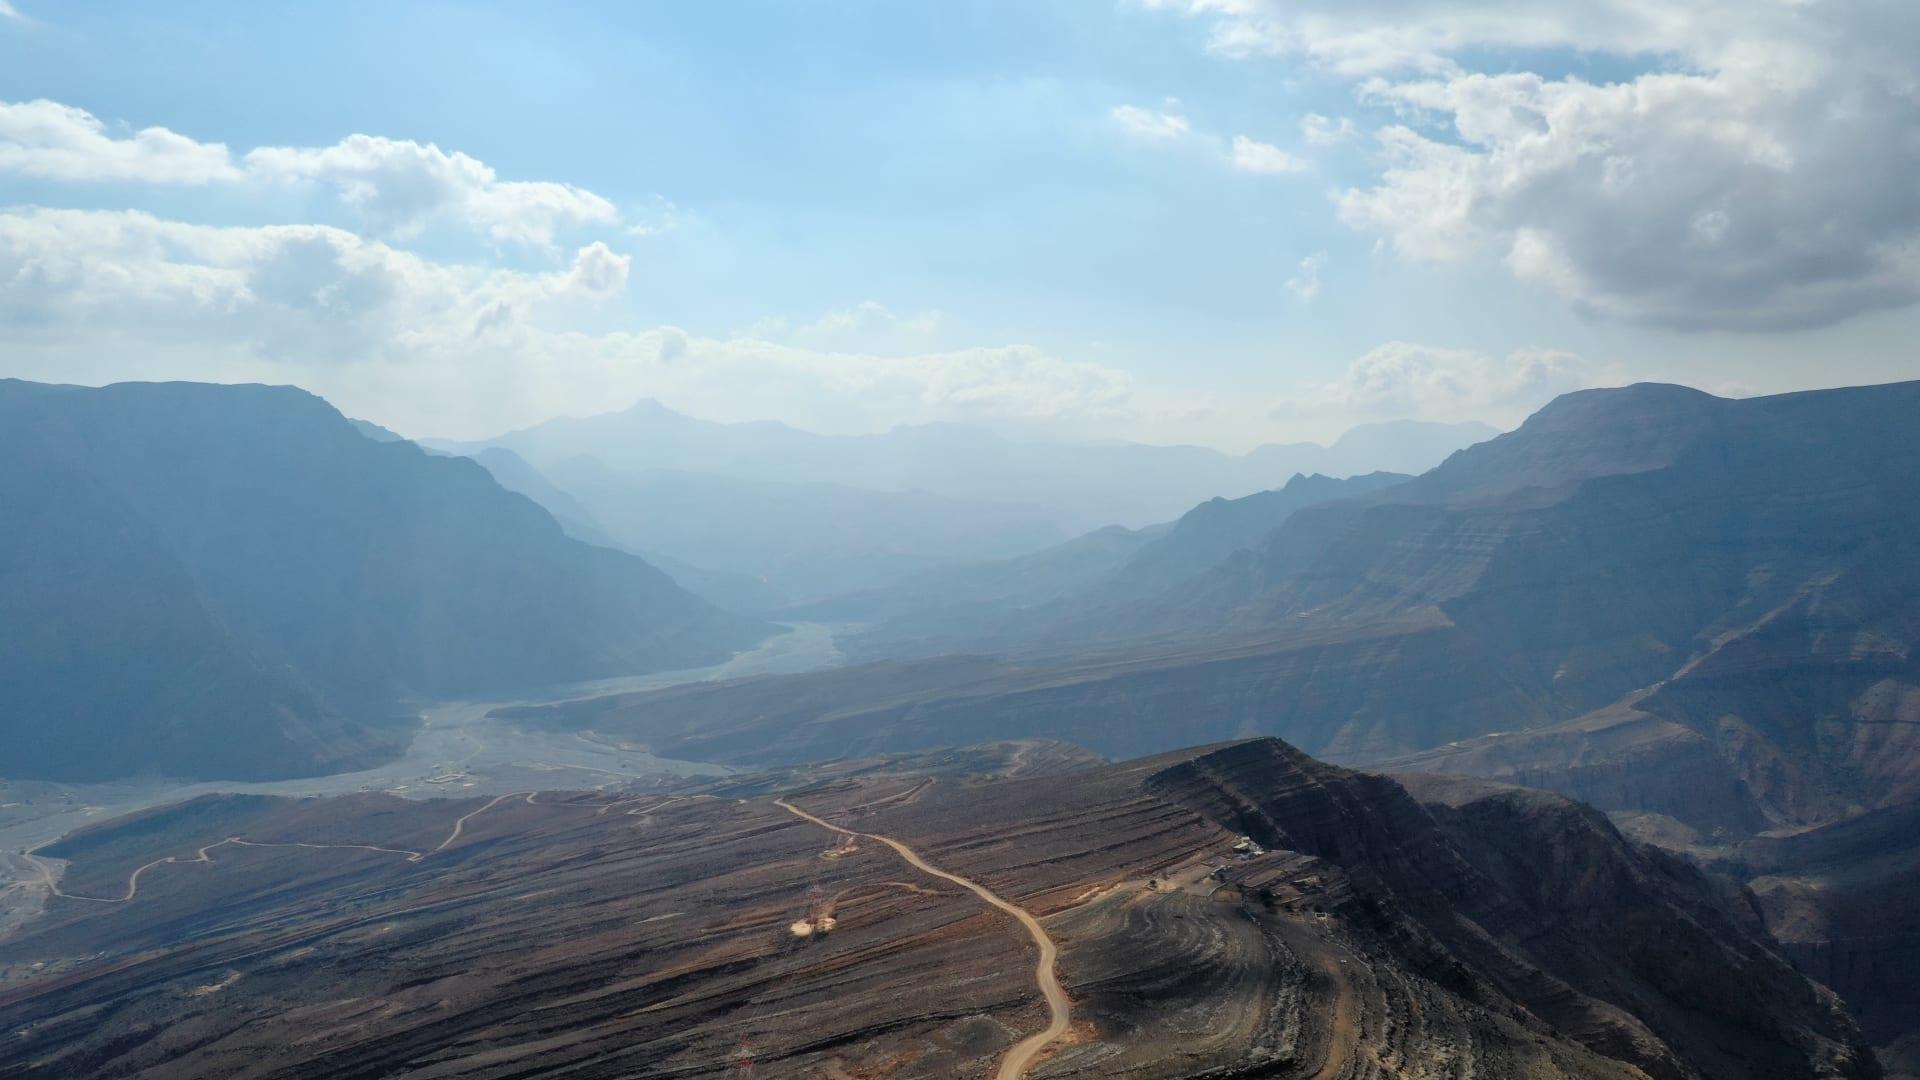 لقطات جوية مذهلة تُبرز أحد أغرب الطرق الجبلية في سلطنة عُمان